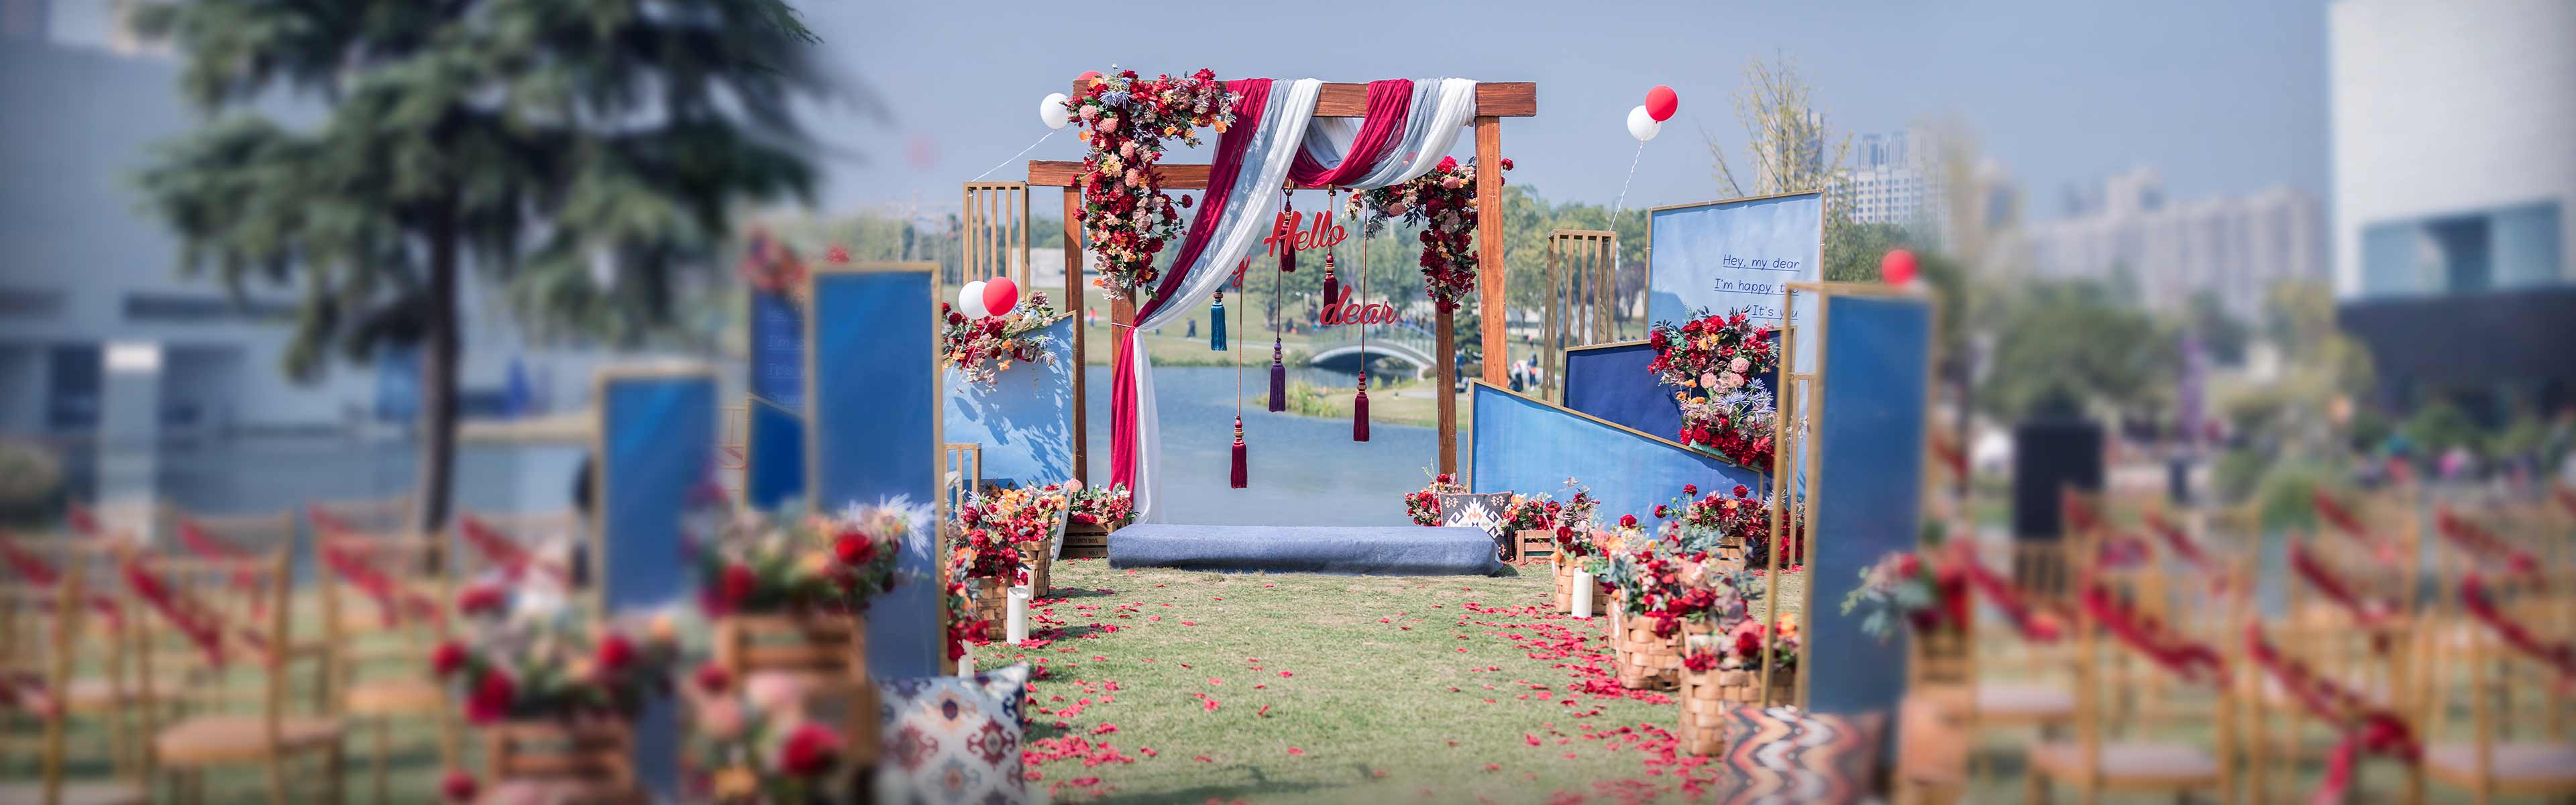 安化婚庆策划案例:最美婚礼 第12月 | 湖南 长沙